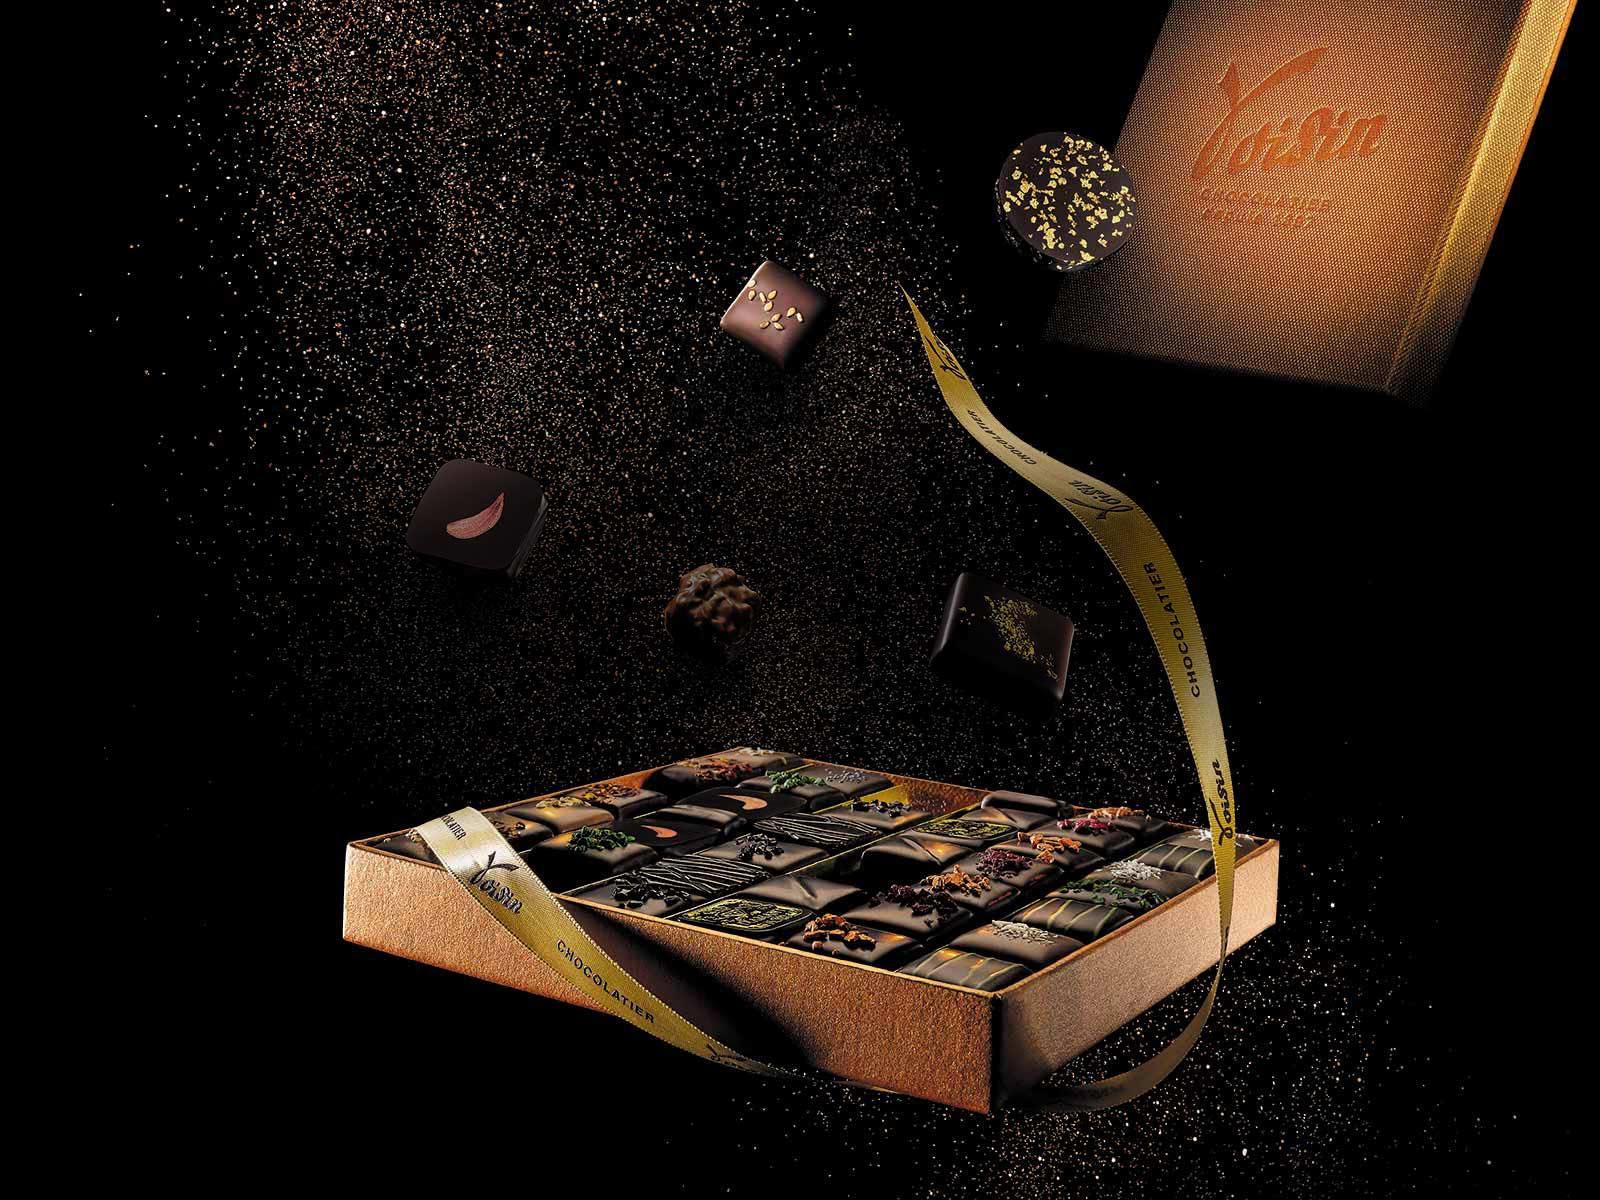 Coffrets cadeaux d'affaires chocolat Voisin